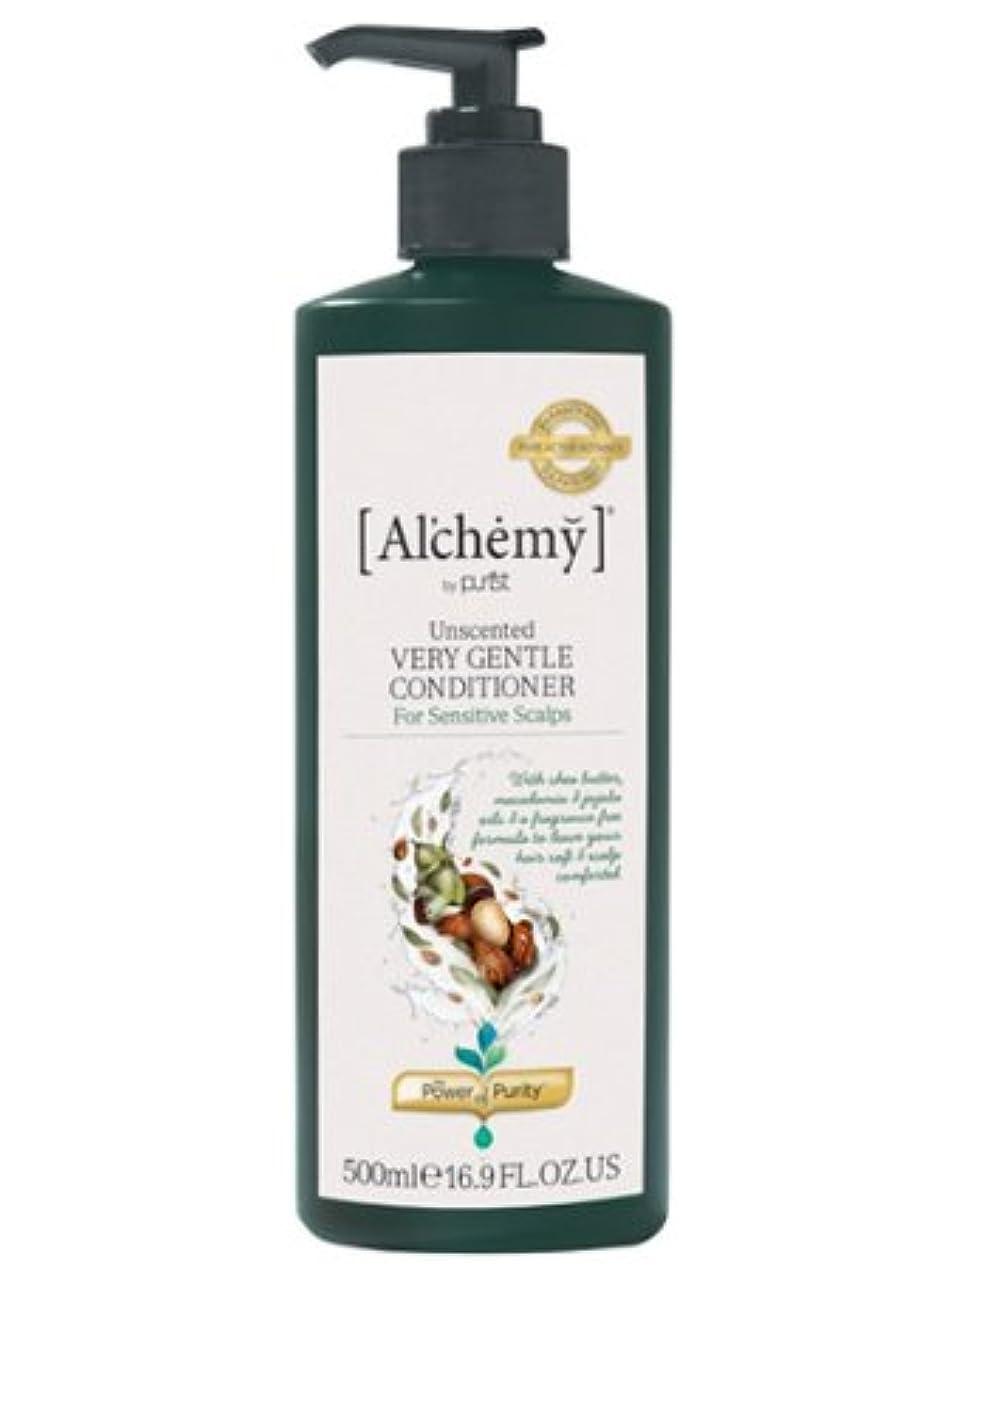 恒久的マダムつまらない【Al'chemy(alchemy)】アルケミー ベリージェントルコンディショナー(Unscented Very Gentle Conditioner)(敏感肌用)500ml